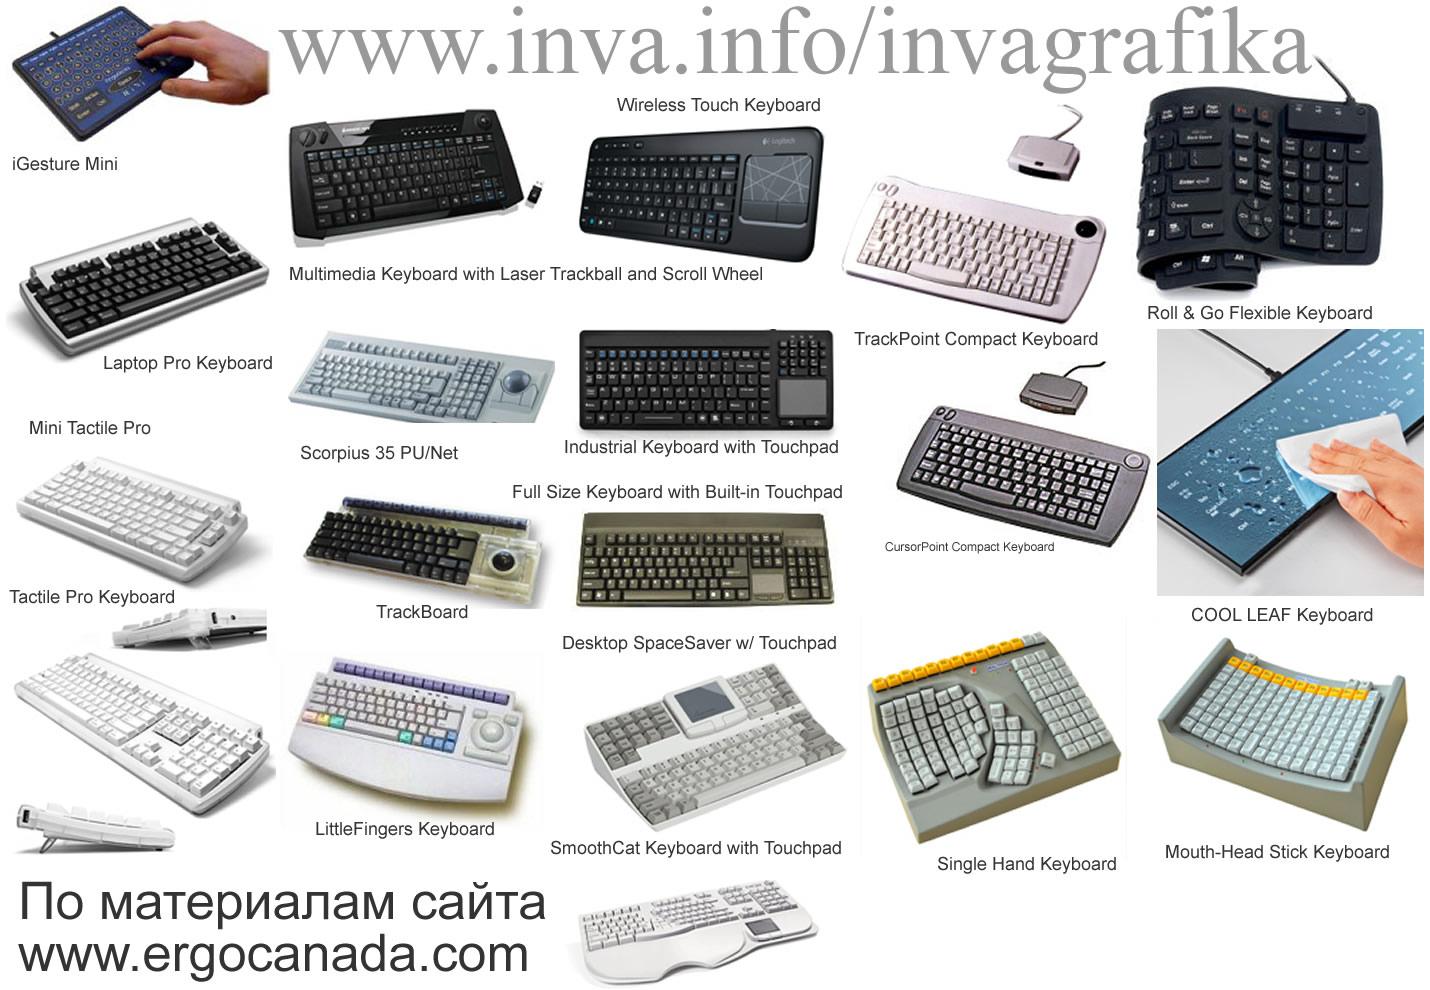 Инваграфика, клавиатуры для инвалидов